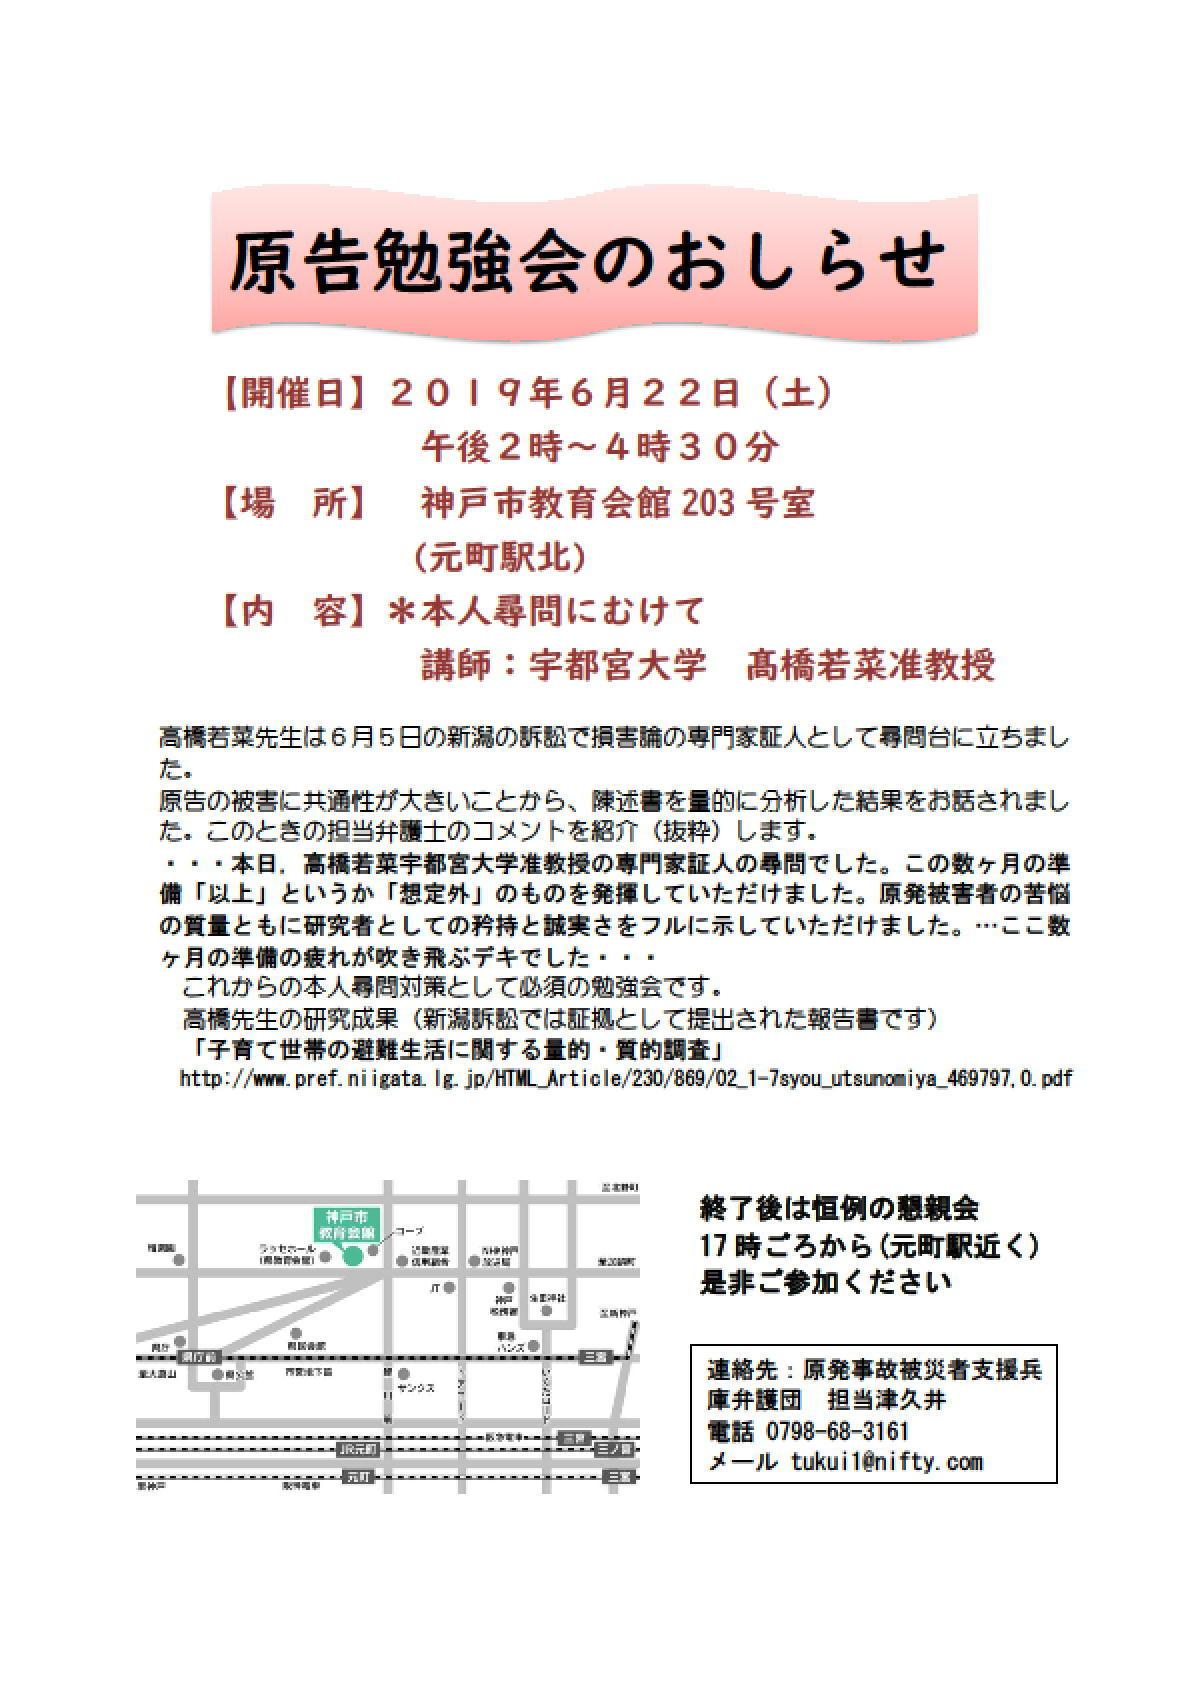 ひょうご訴訟の取り組み_e0391248_10064381.jpg